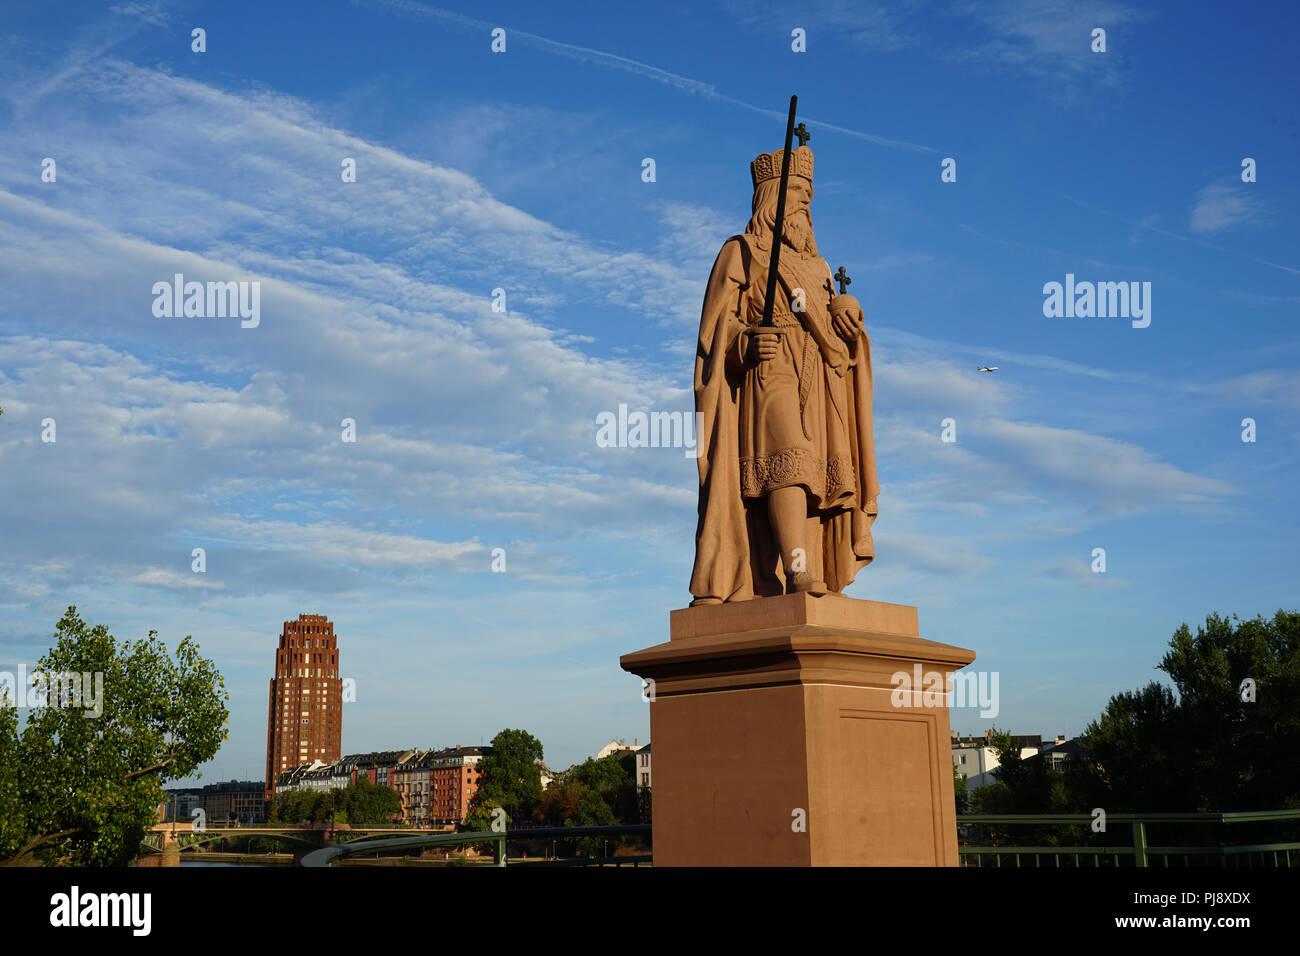 Standbild Karls des Großen, Alte Brücke, Main, Frankfurt am Main, Deutschland - Stock Image